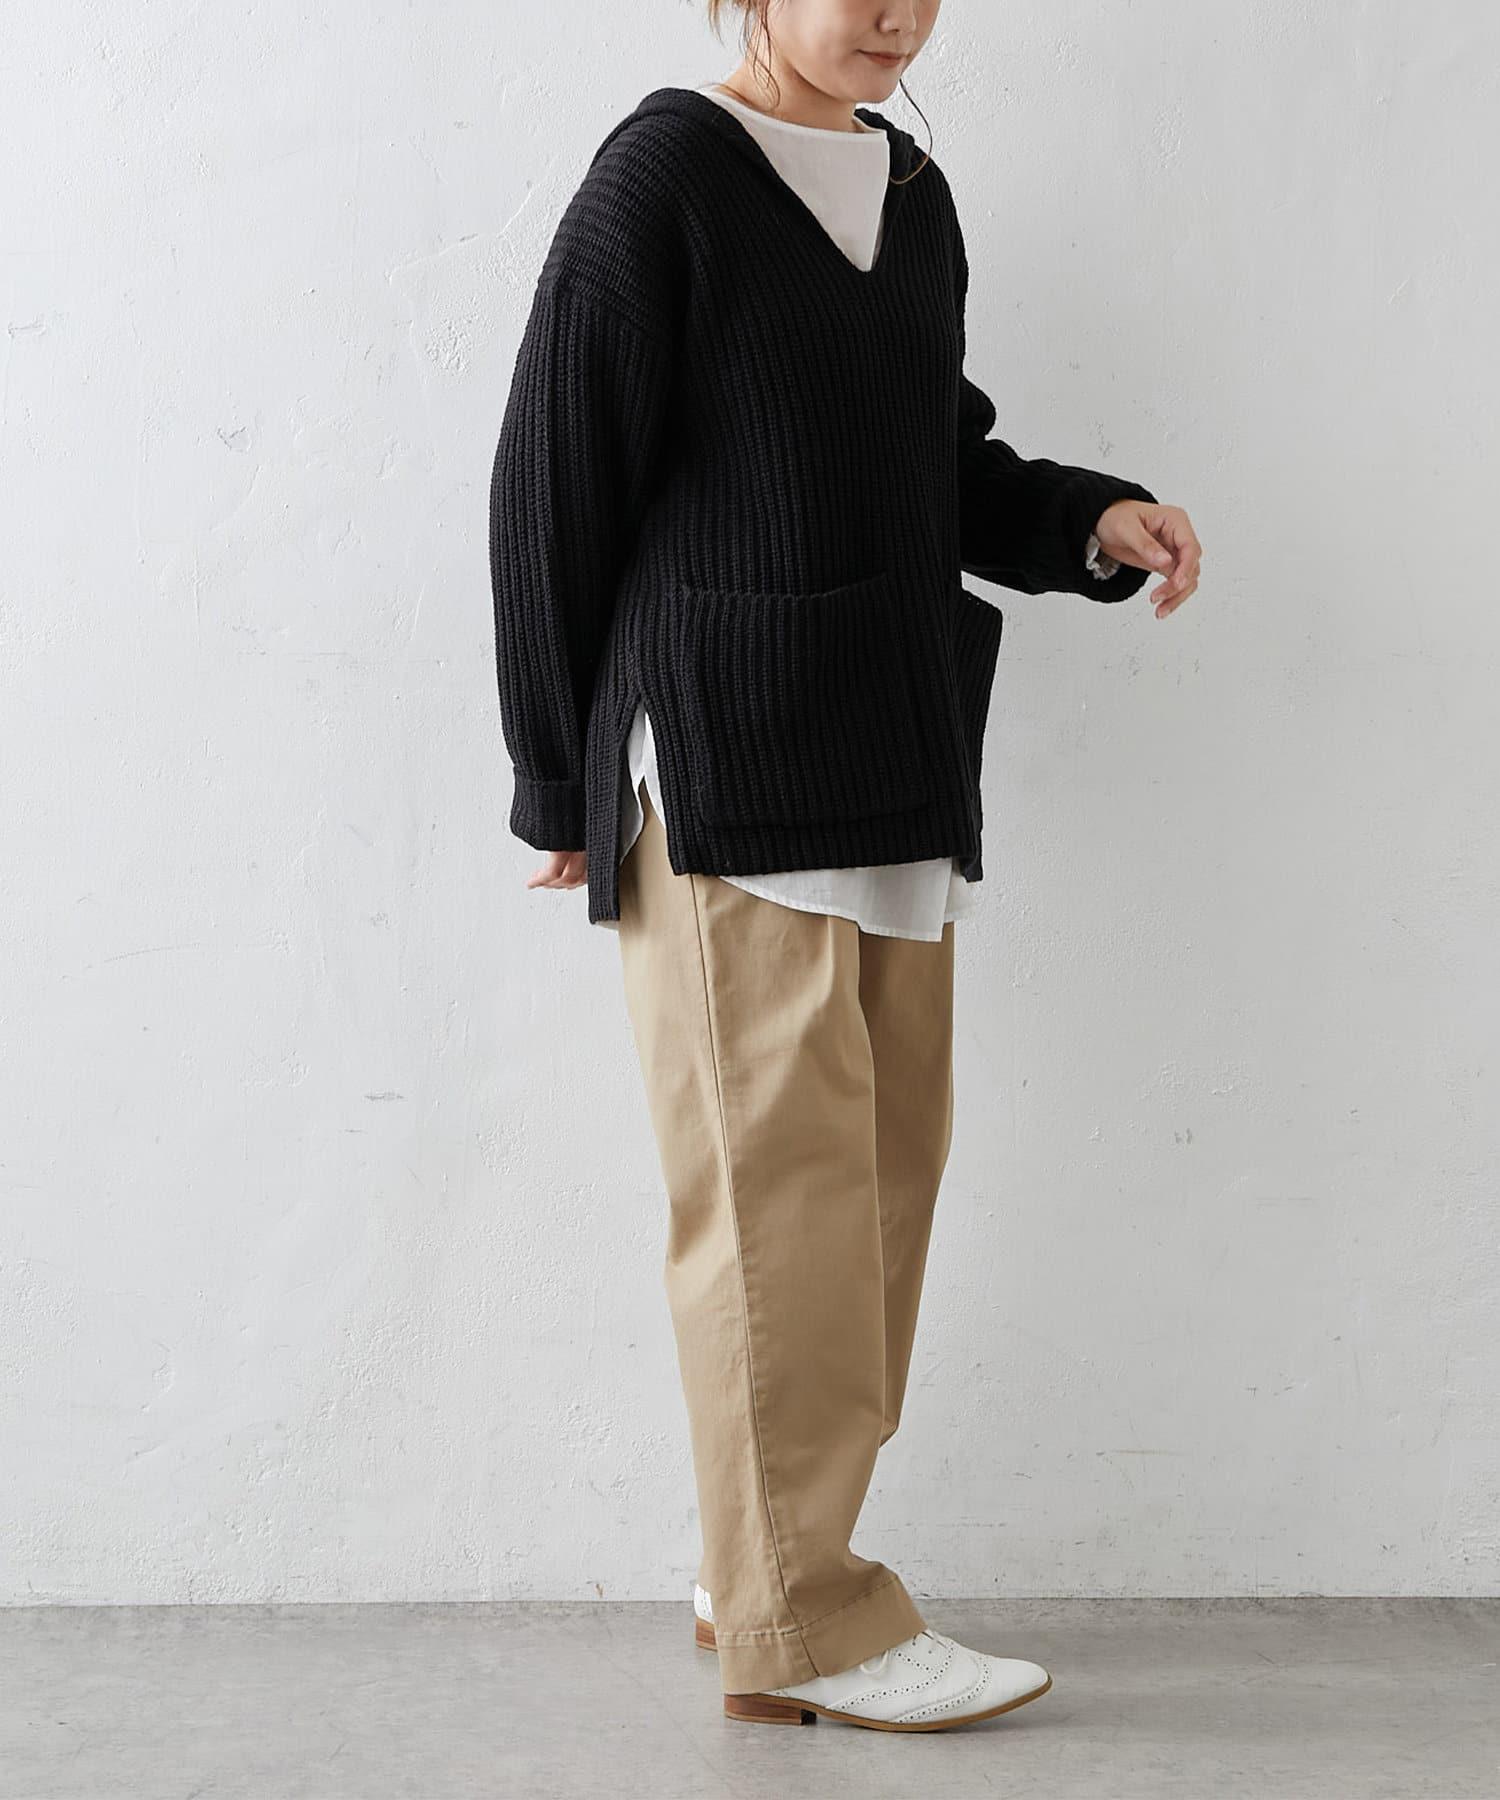 pual ce cin(ピュアルセシン) JAPAN MADEストレッチストレートパンツ